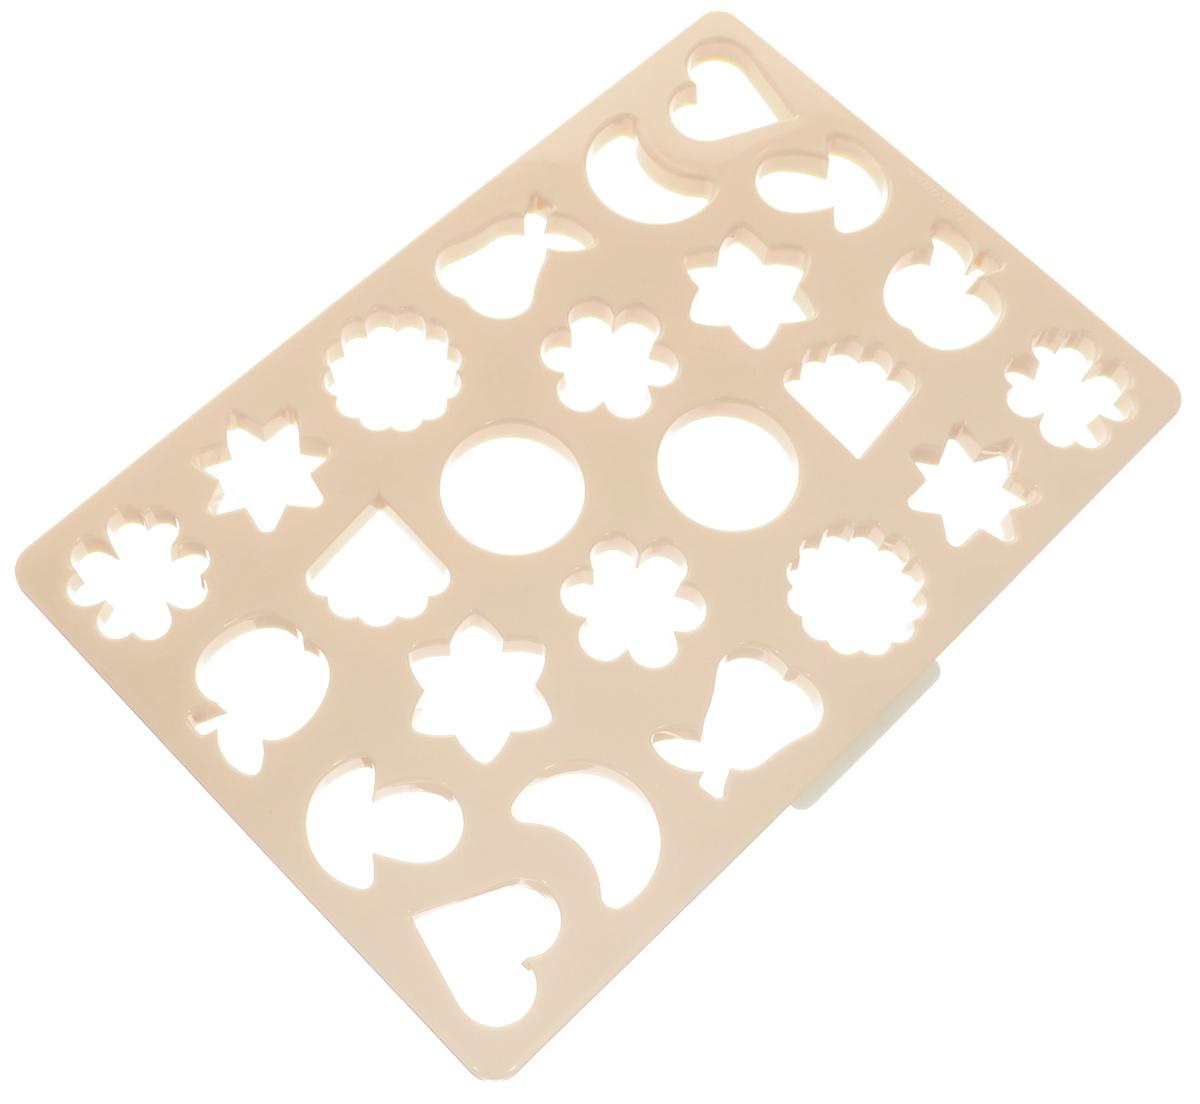 Лист-форма для традиционного печенья Tescoma Delicia, 23 х 33 см630882Лист-форма для выпечки традиционного печенья в виде звездочек, грибочков, сердечек, яблок для одновременного формирования 24 печеней. Размер формы: 23 см х 33 см. Можно мыть в посудомоечной машине.